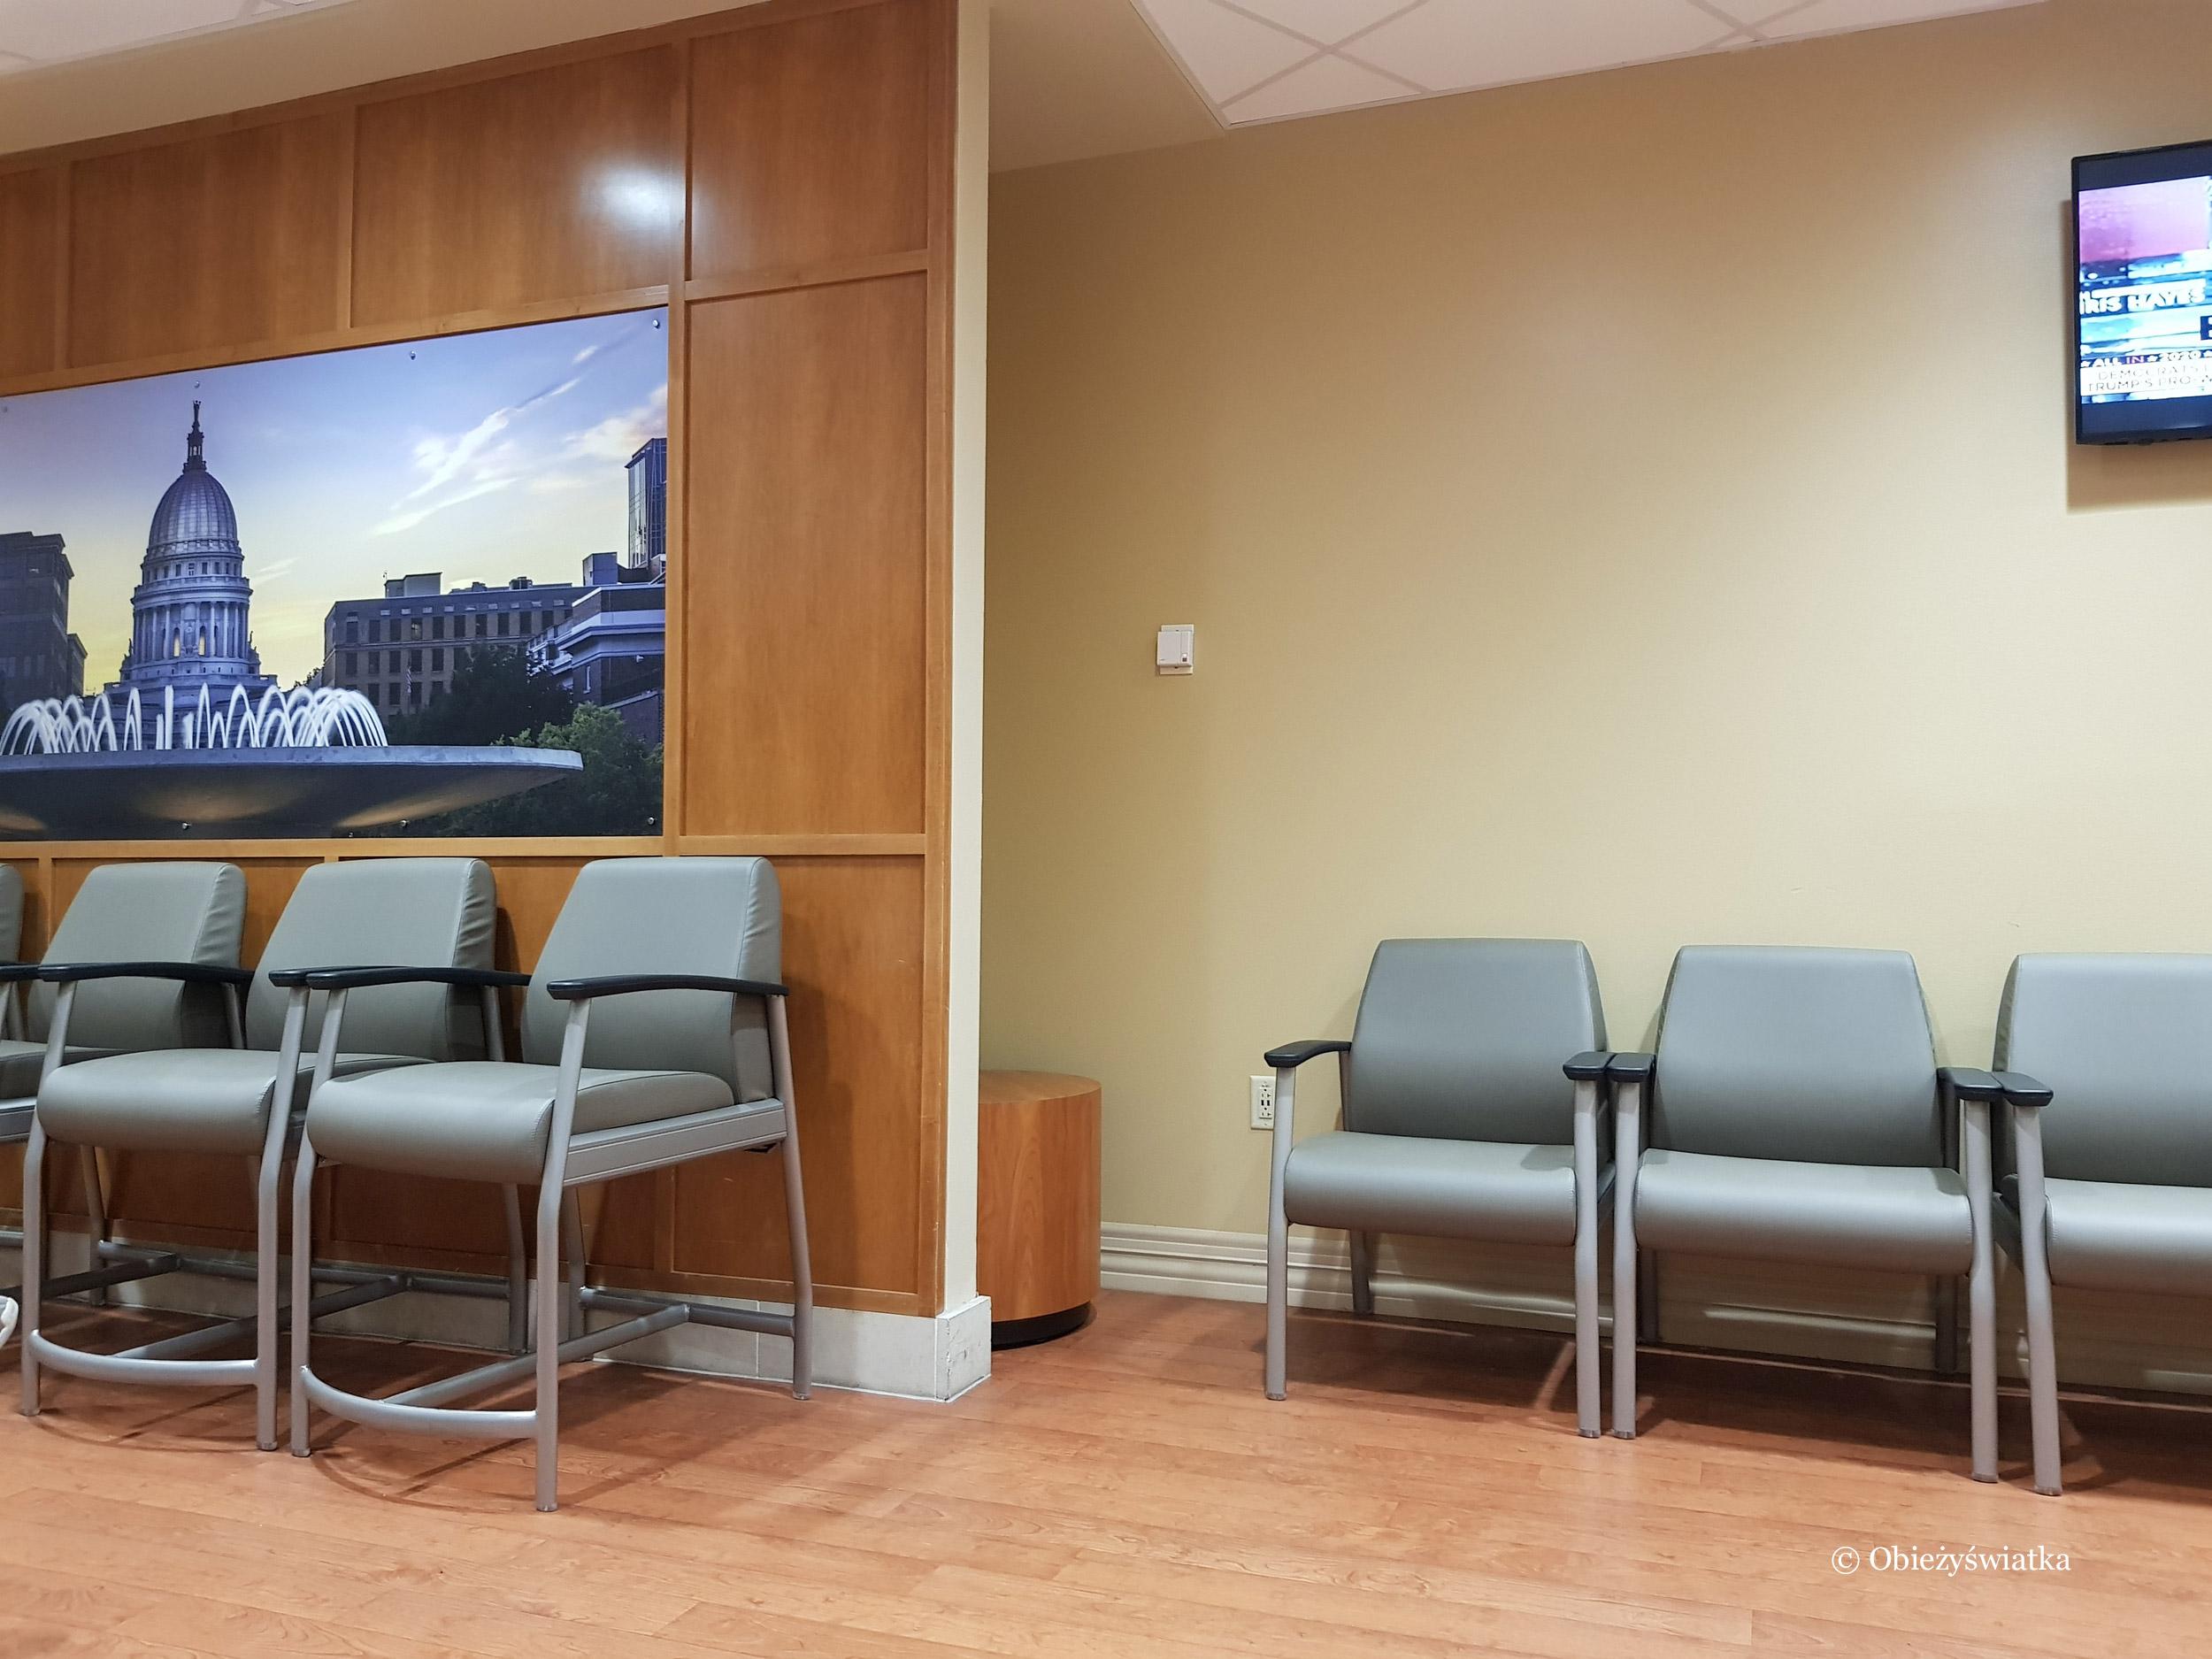 Poczekalnia na ostrym dyżurze z krzesłami o różnej szerokości siedzeń, USA